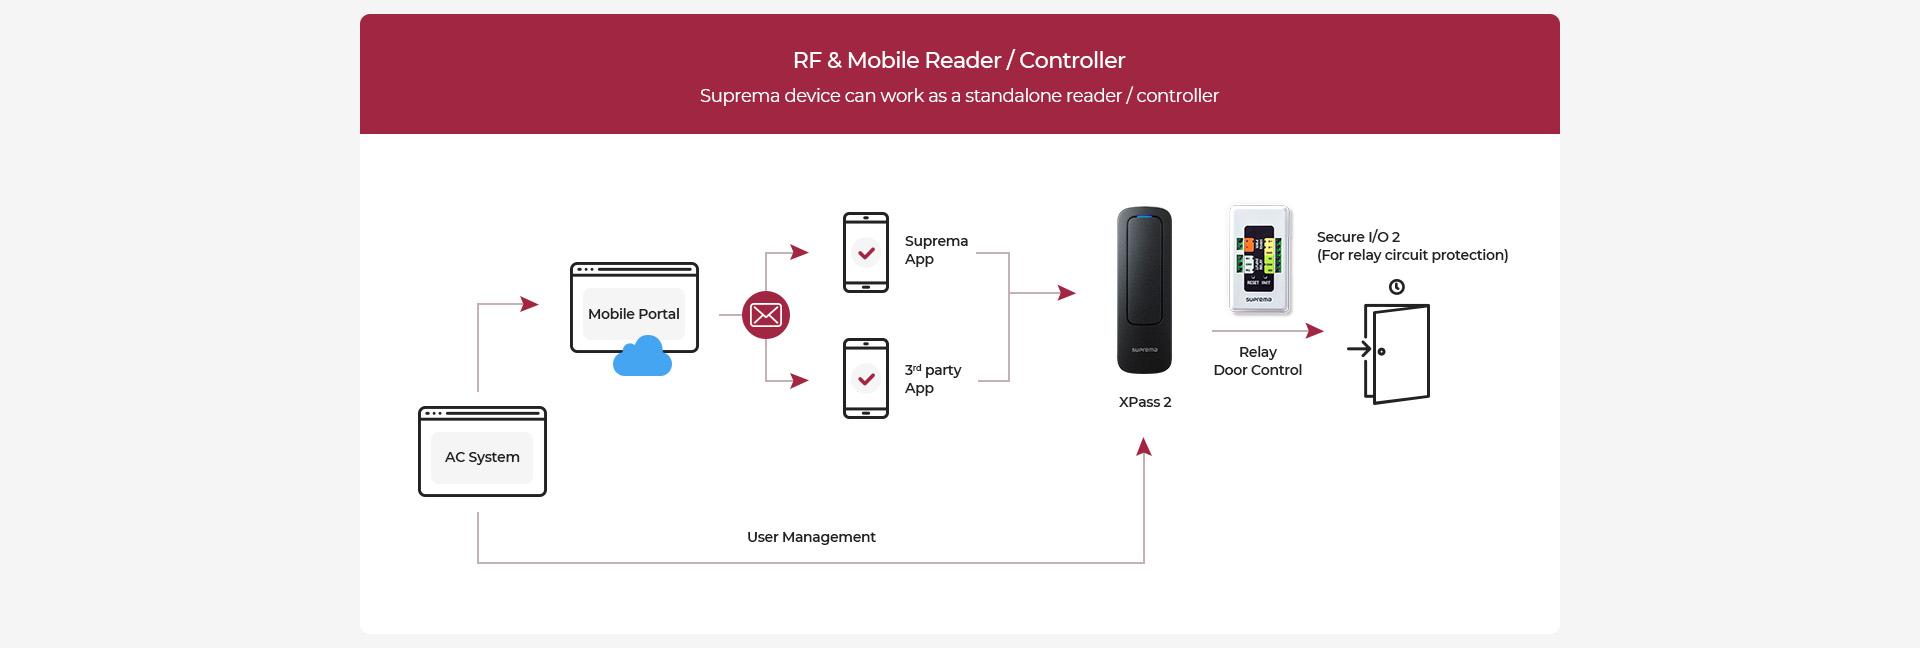 Mobile Credential Suprema_gestión de usuarios